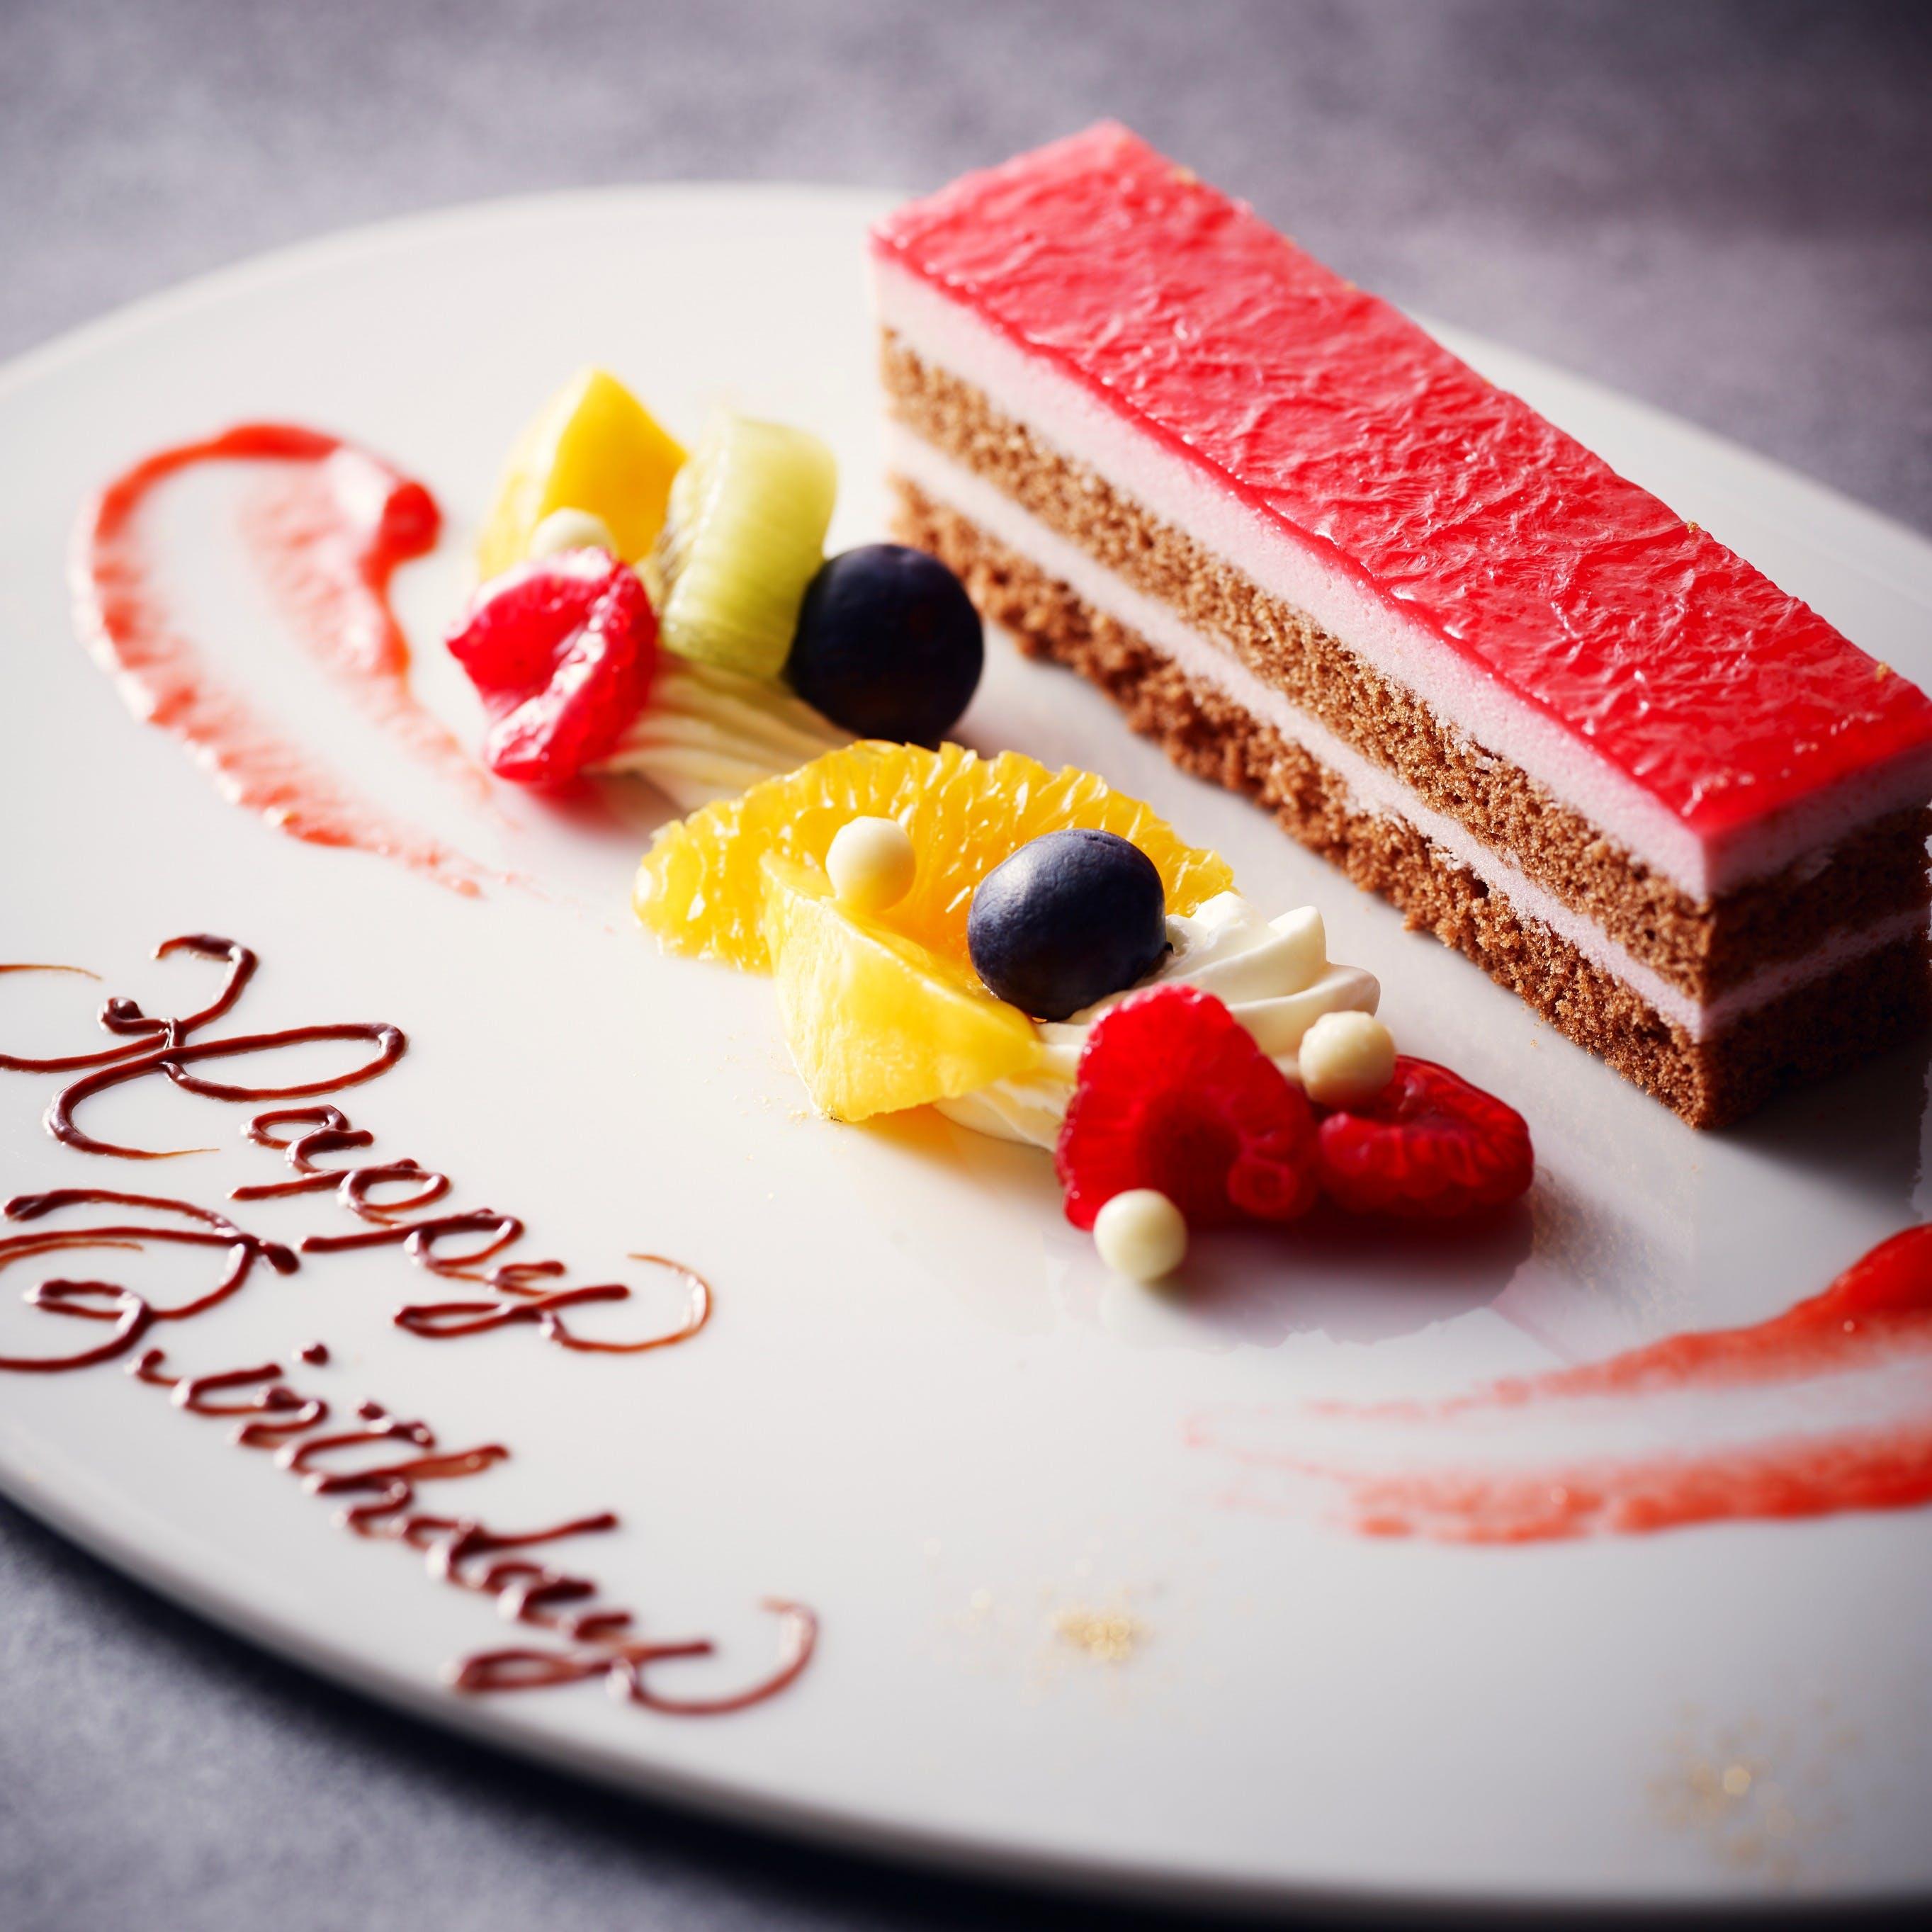 アニバーサリーケーキ(カットケーキ1プレート)